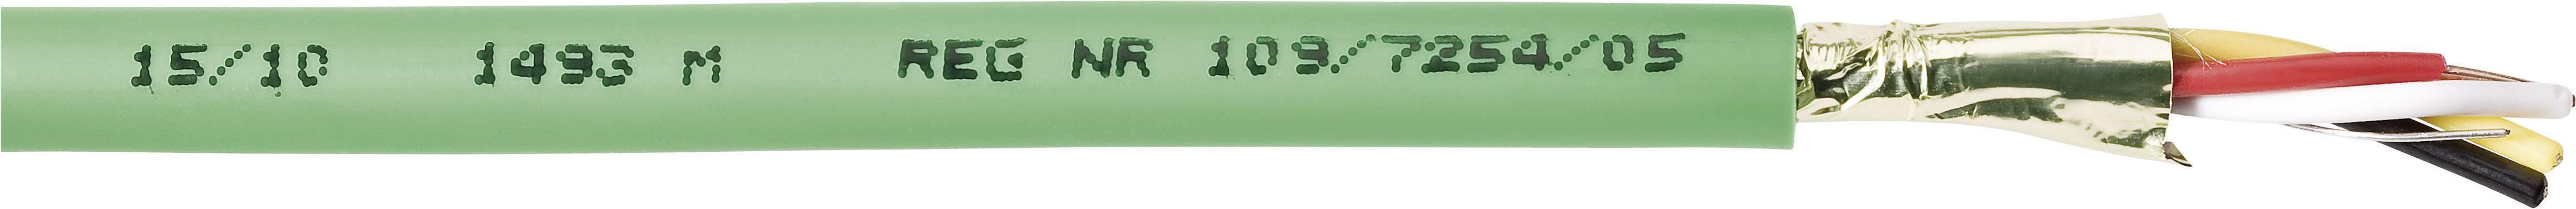 Zbernicový kábel Belden YE00906.00500, vnější Ø 6.30 mm, zelená, metrový tovar